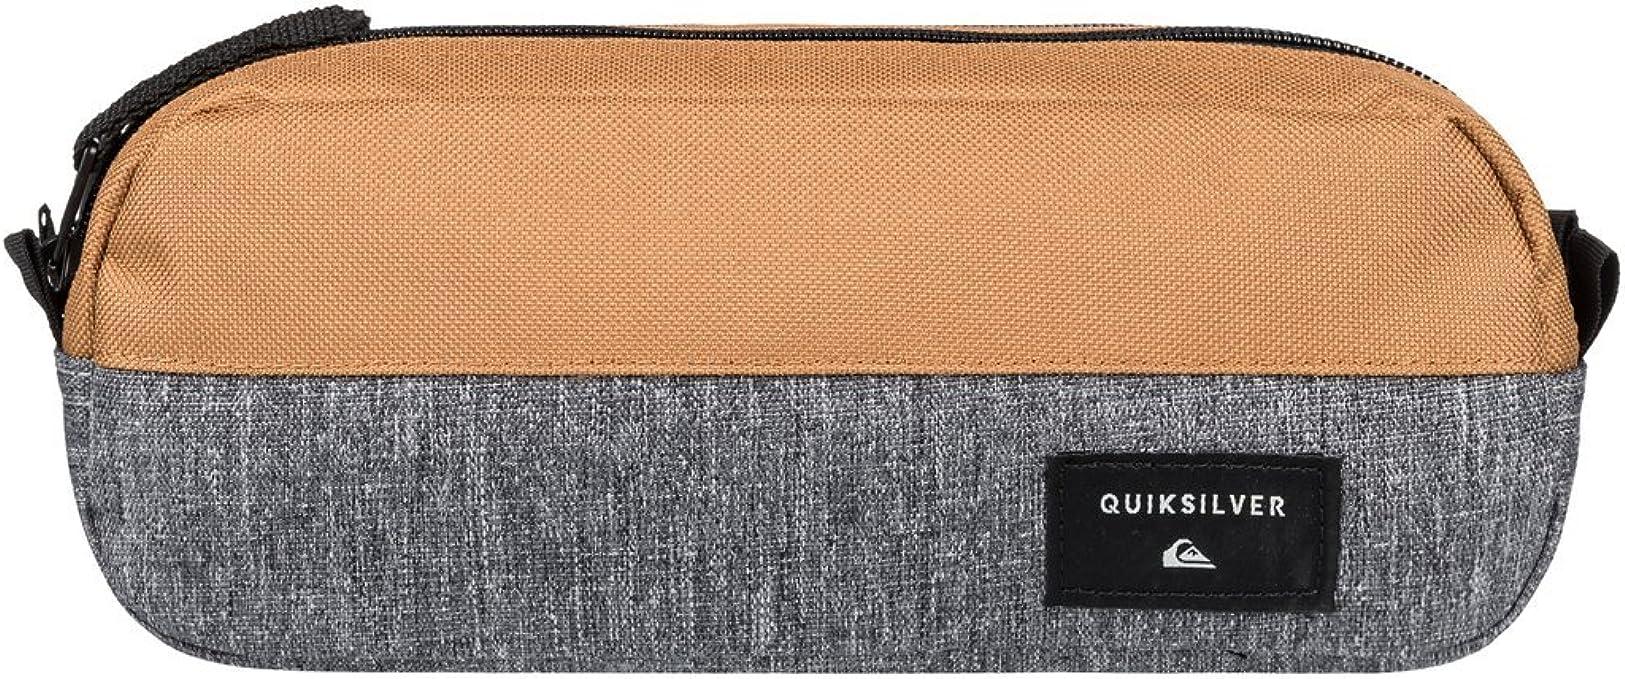 Quiksilver - Estuche escolar - Hombre - ONE SIZE - Gris: Amazon.es: Ropa y accesorios